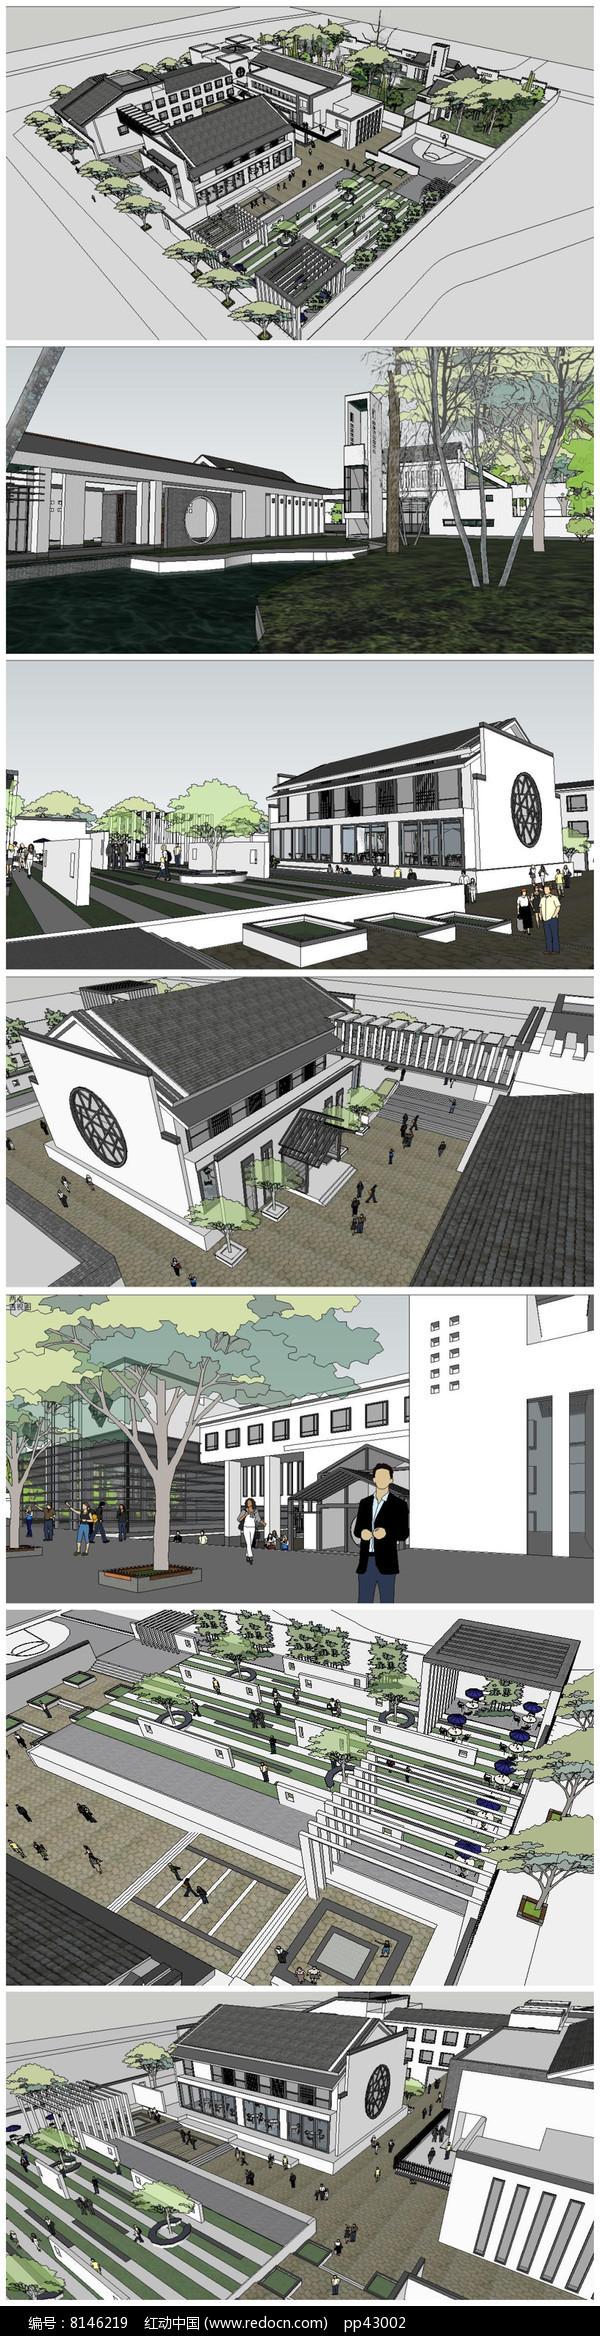 新中式独家村会所及农家乐仿古建筑SU模型图片